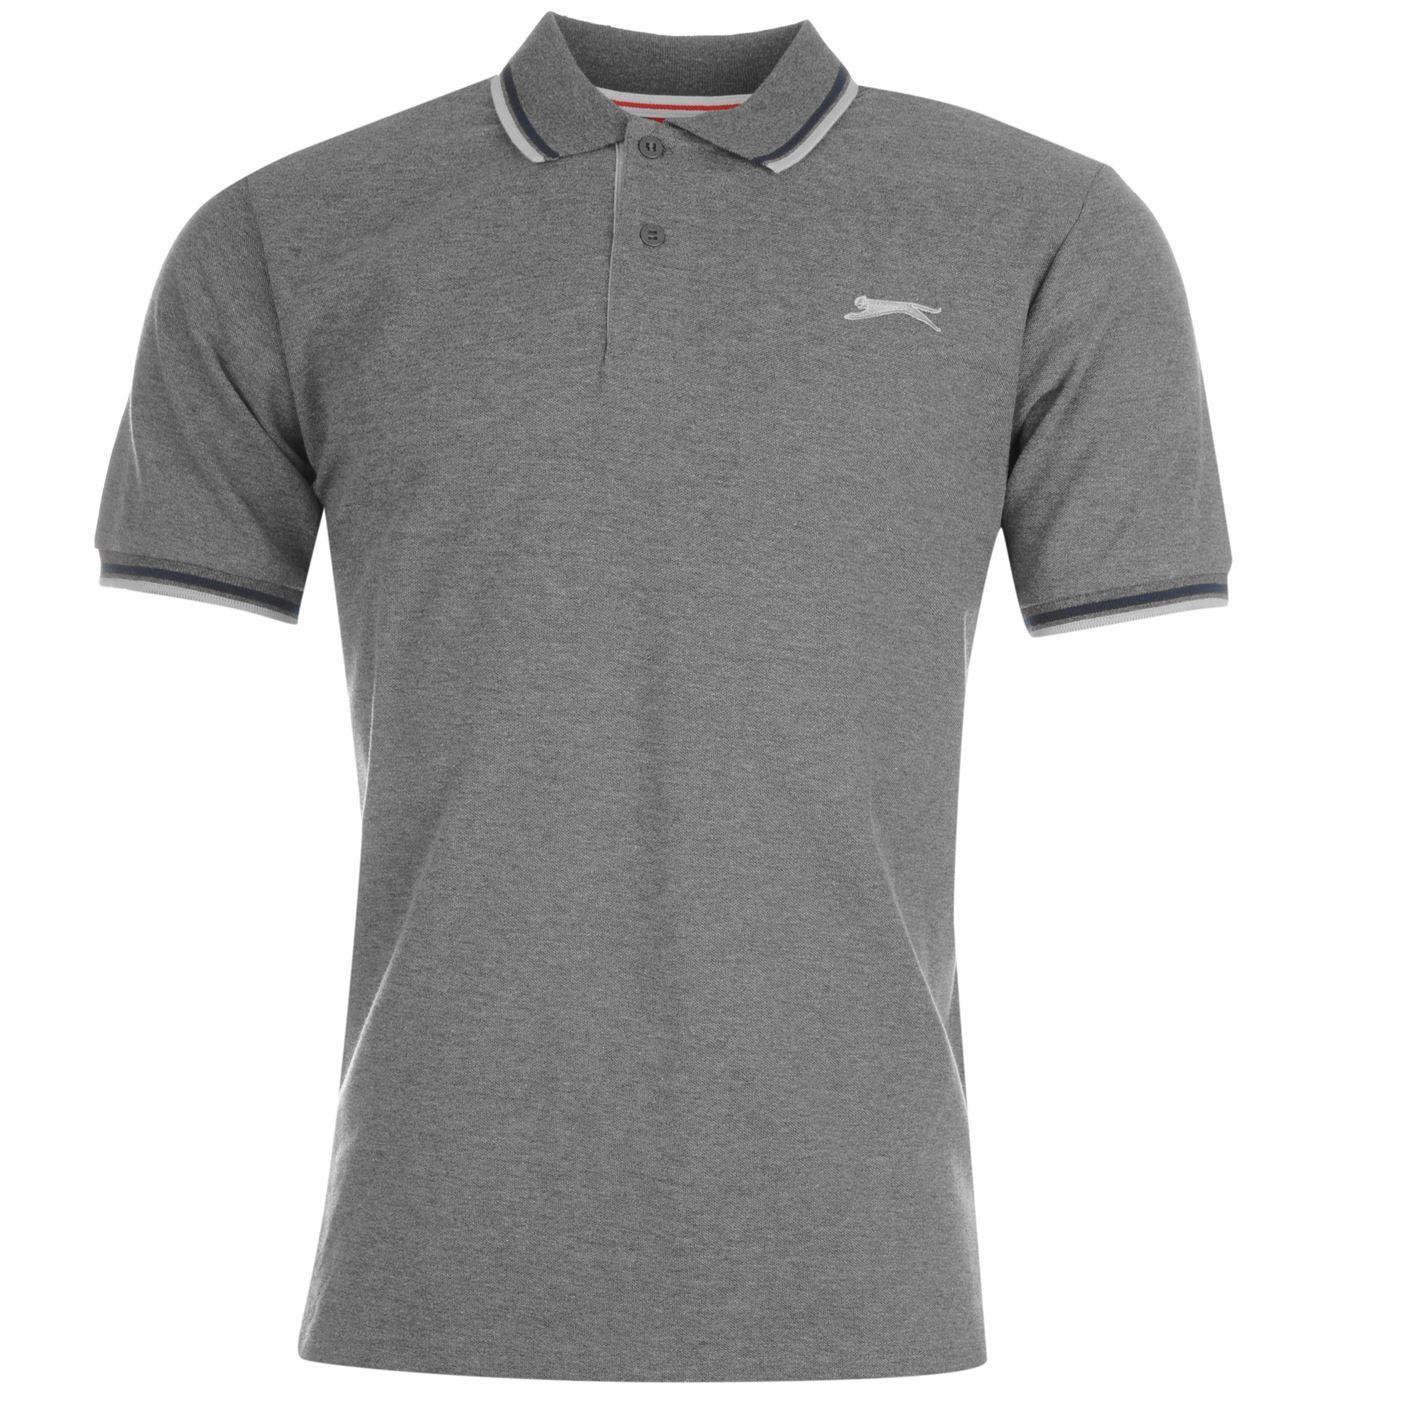 Slazenger-Polo-Camisa-de-hombre-con-cuello-con-Punta-T-Shirt-Top-Camiseta-Tee miniatura 29